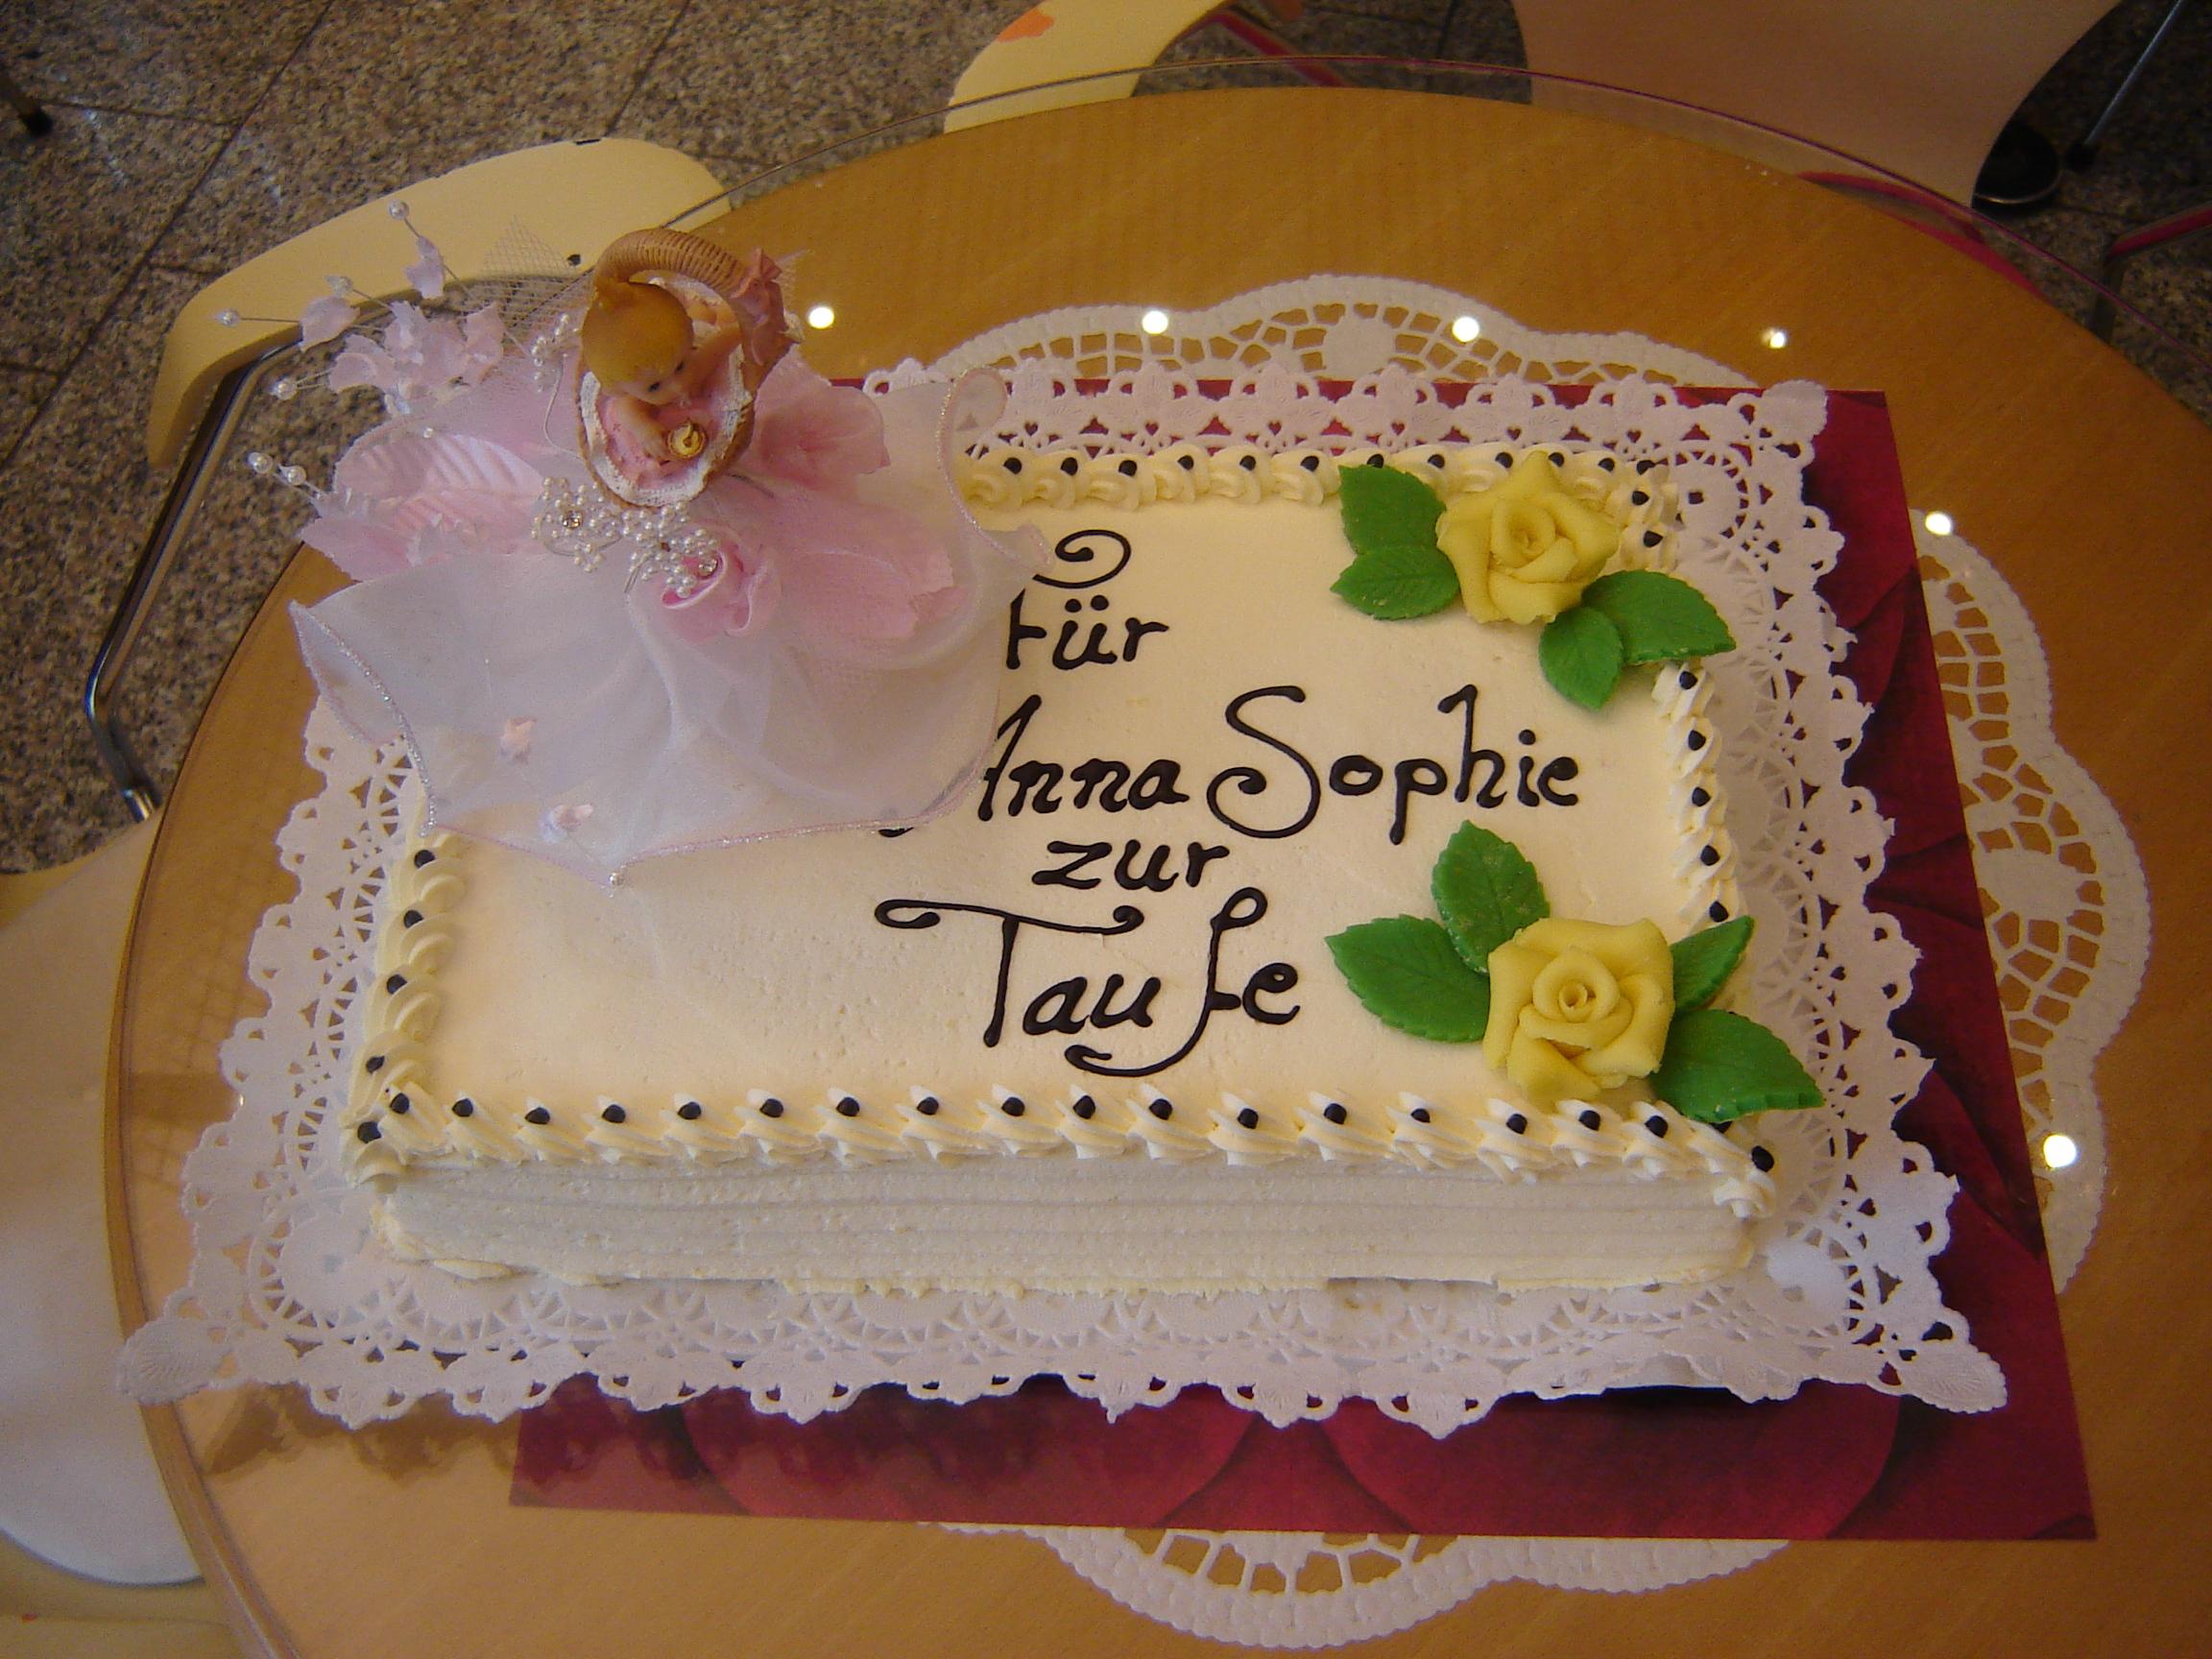 Torte Zur Taufe Selber Backen torten zur taufe selber backen beliebte rezepte von kuchen fur